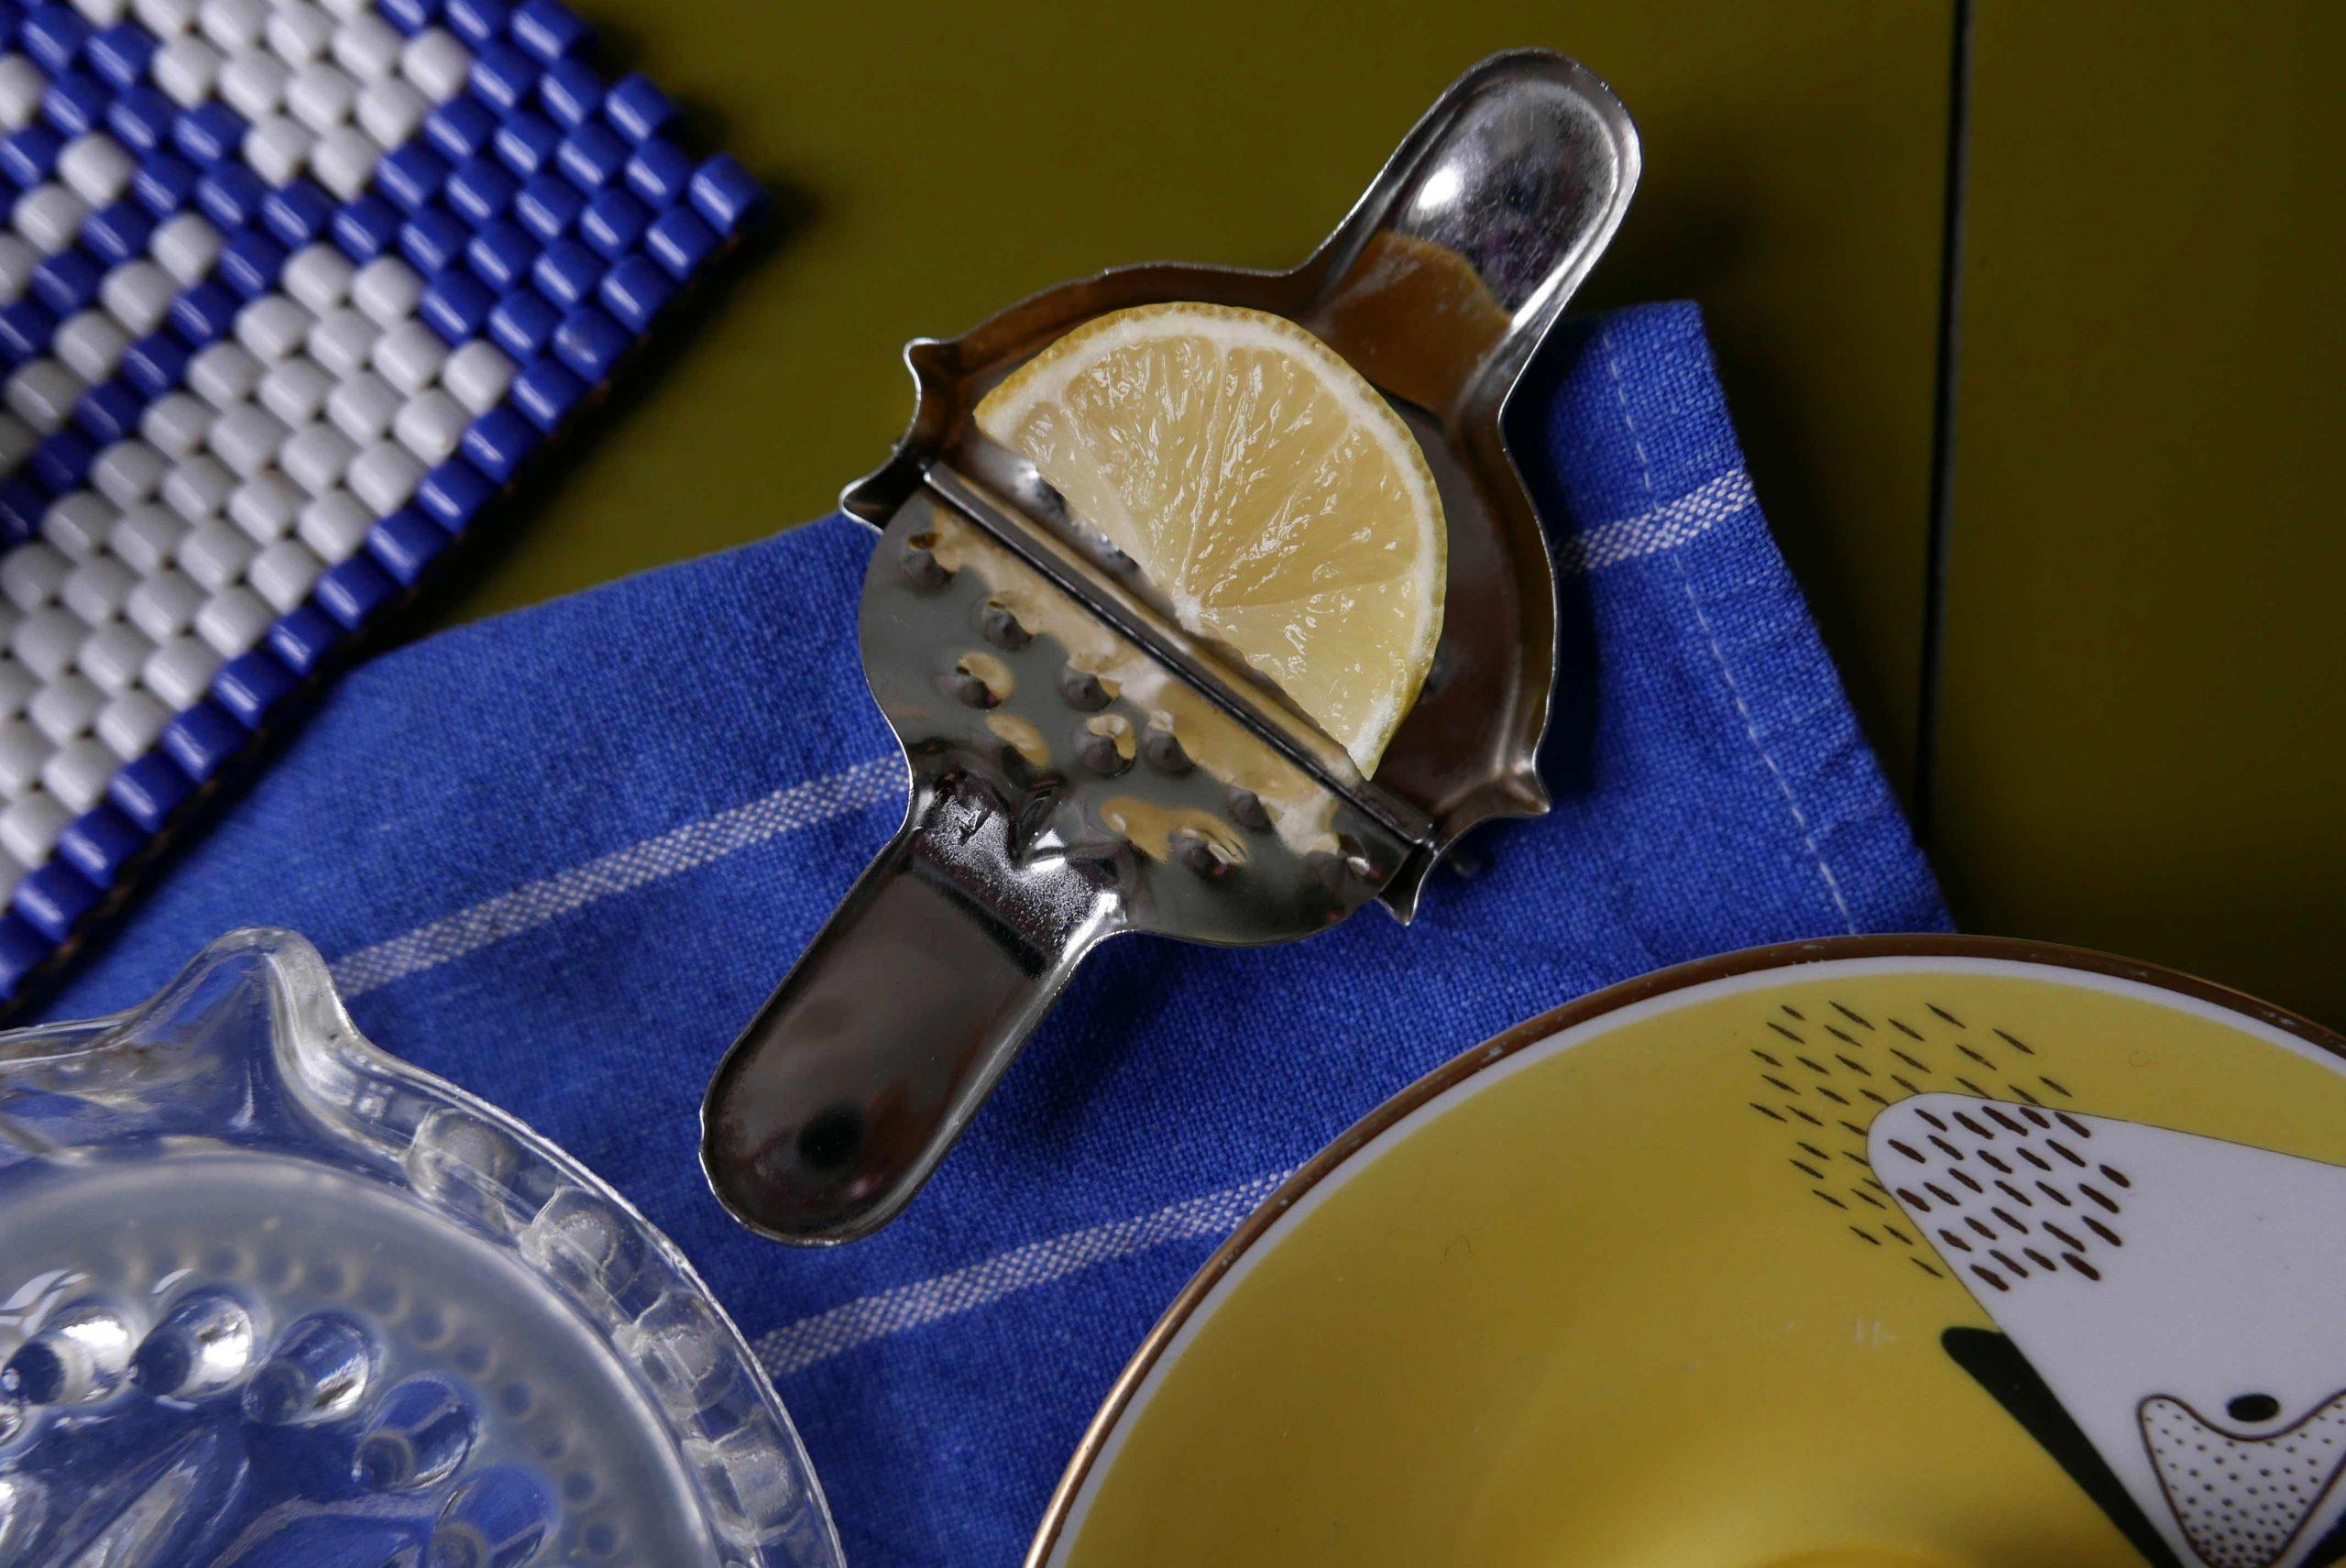 Kleine Zitronenpresse für eine Scheibe aus Metall